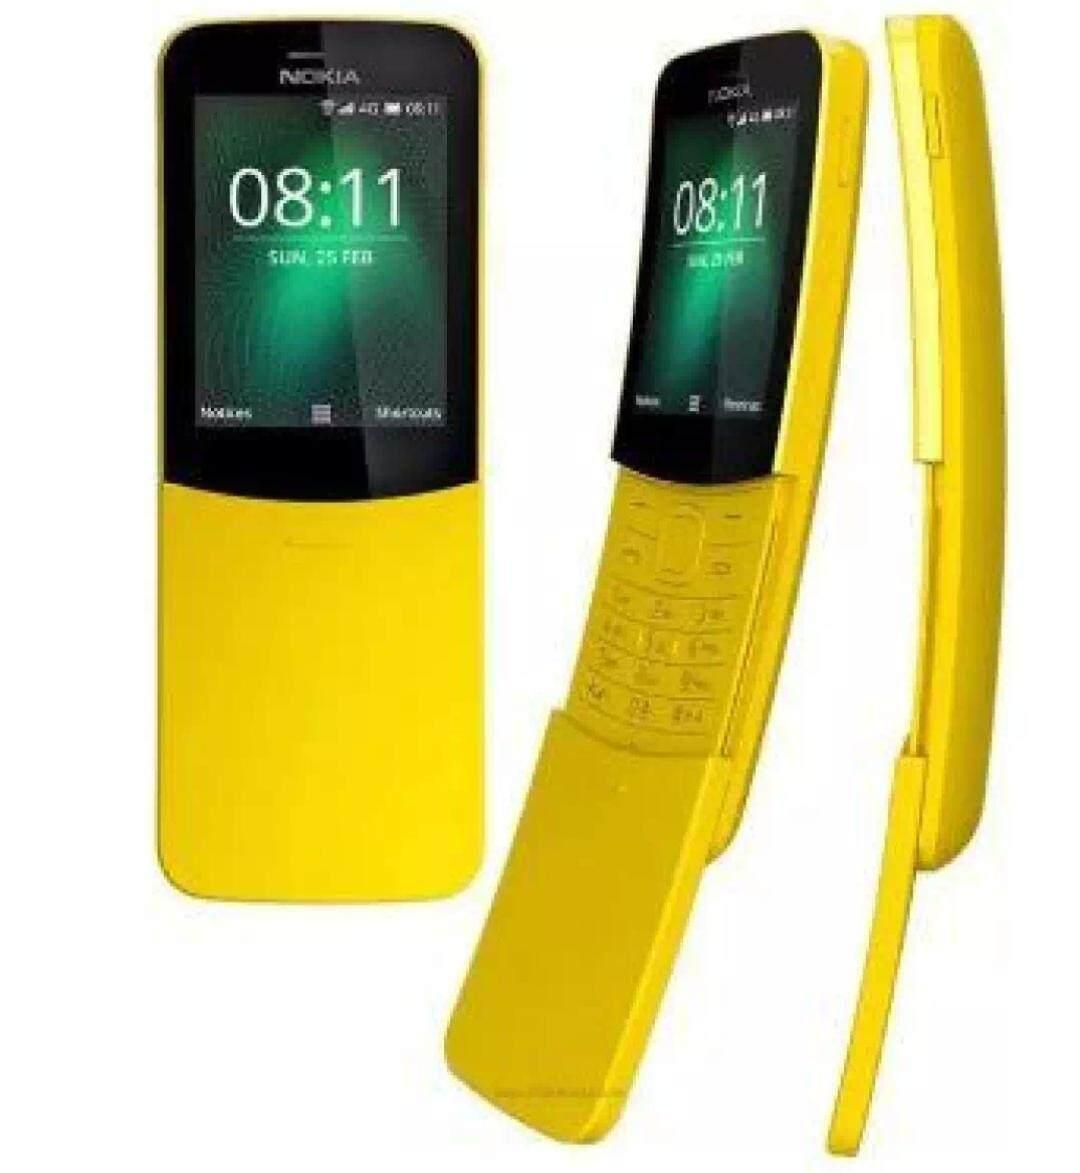 Nokia 8110 Mobile